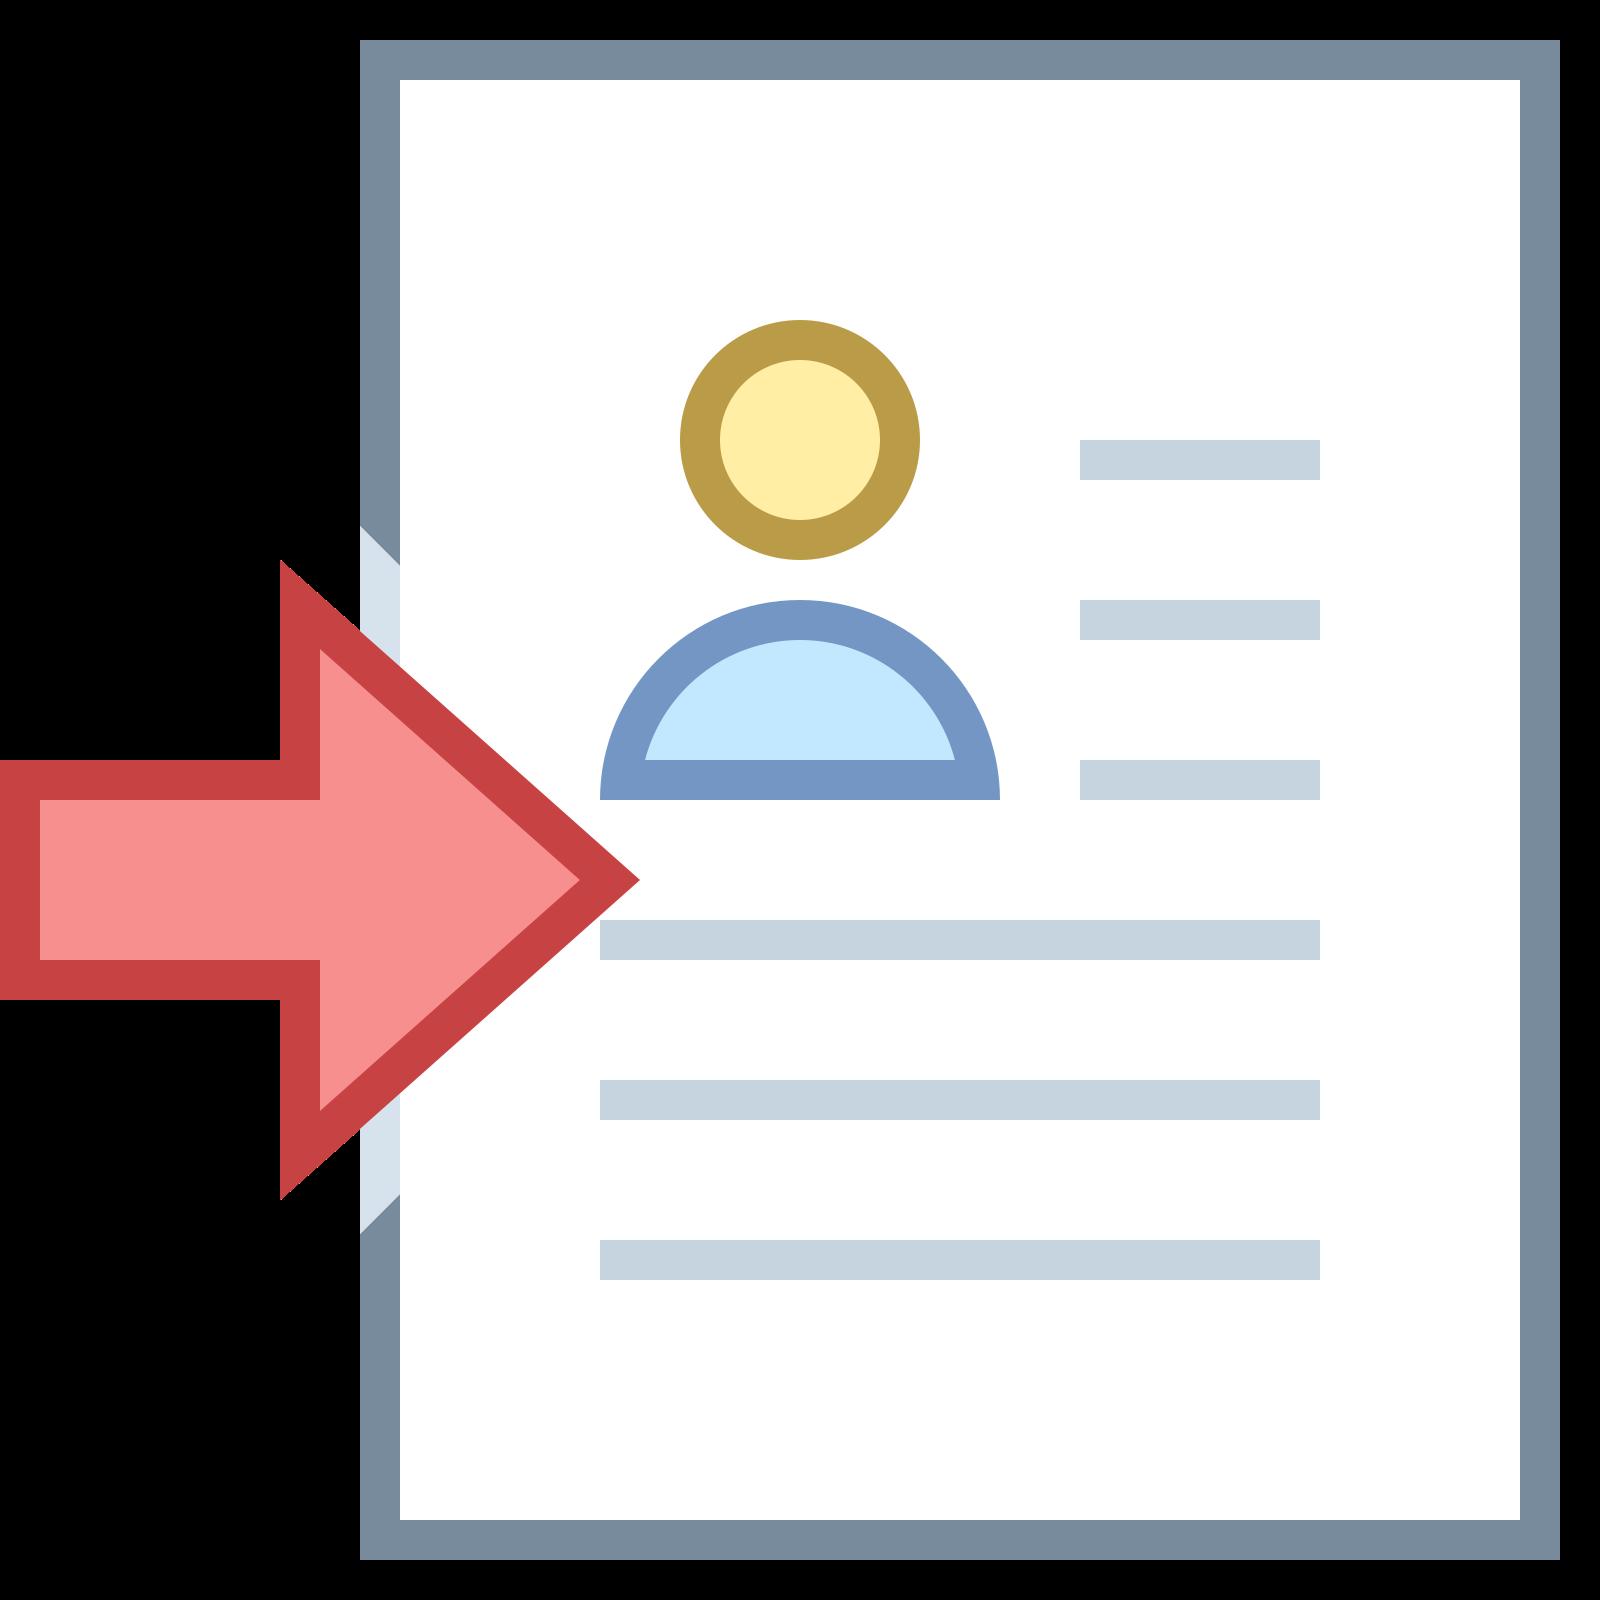 Set As Resume icon